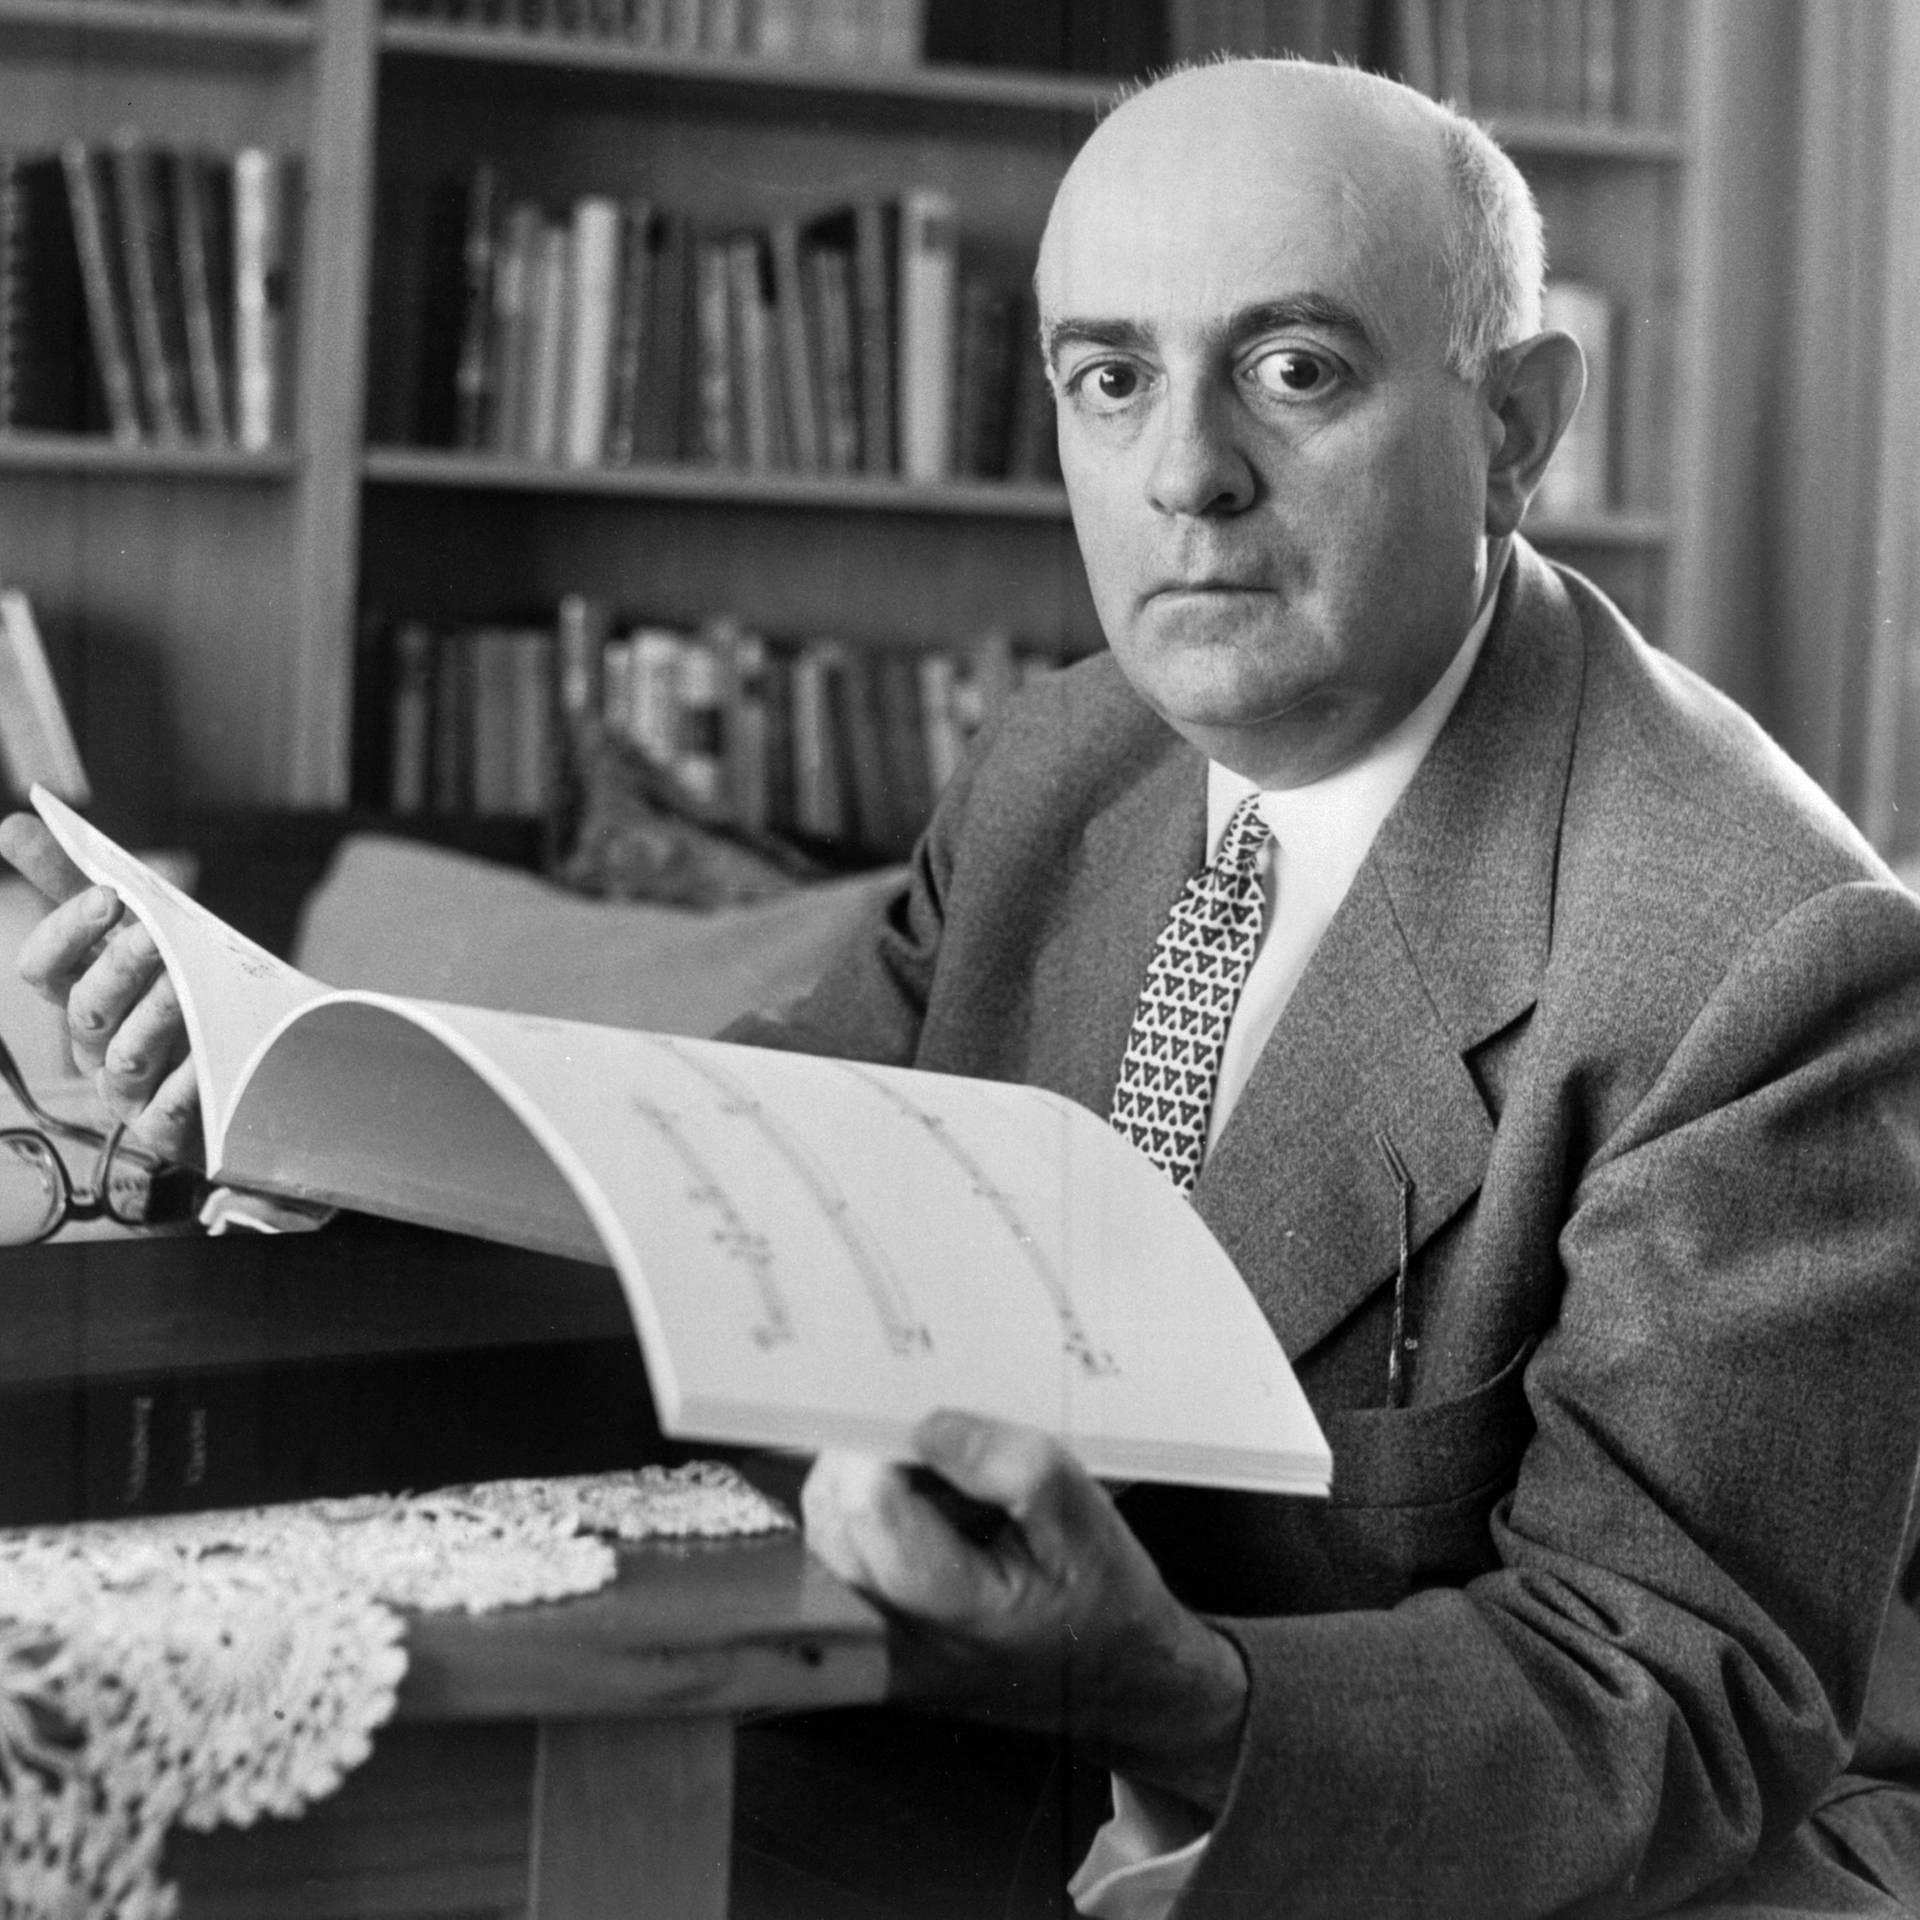 Zum 50. Todestag - Adornos Radioessay von 1959 (2/2)